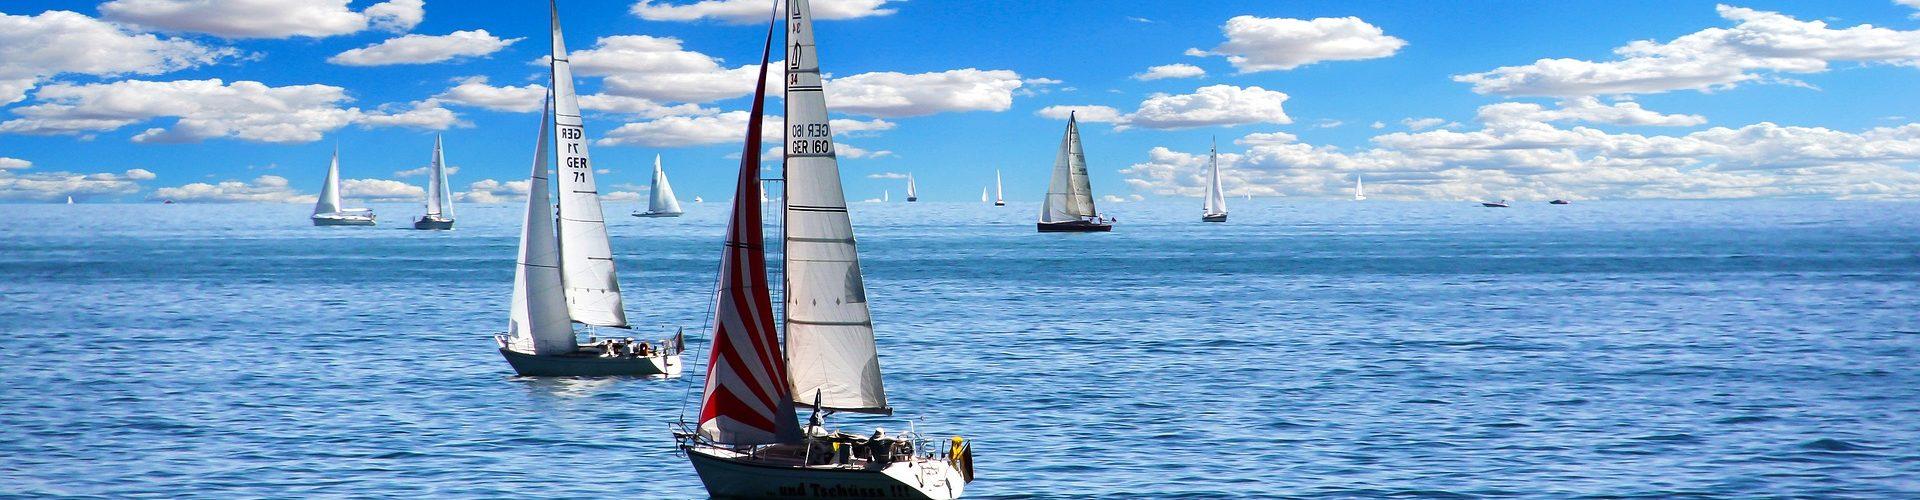 segeln lernen in Zarrentin segelschein machen in Zarrentin 1920x500 - Segeln lernen in Zarrentin